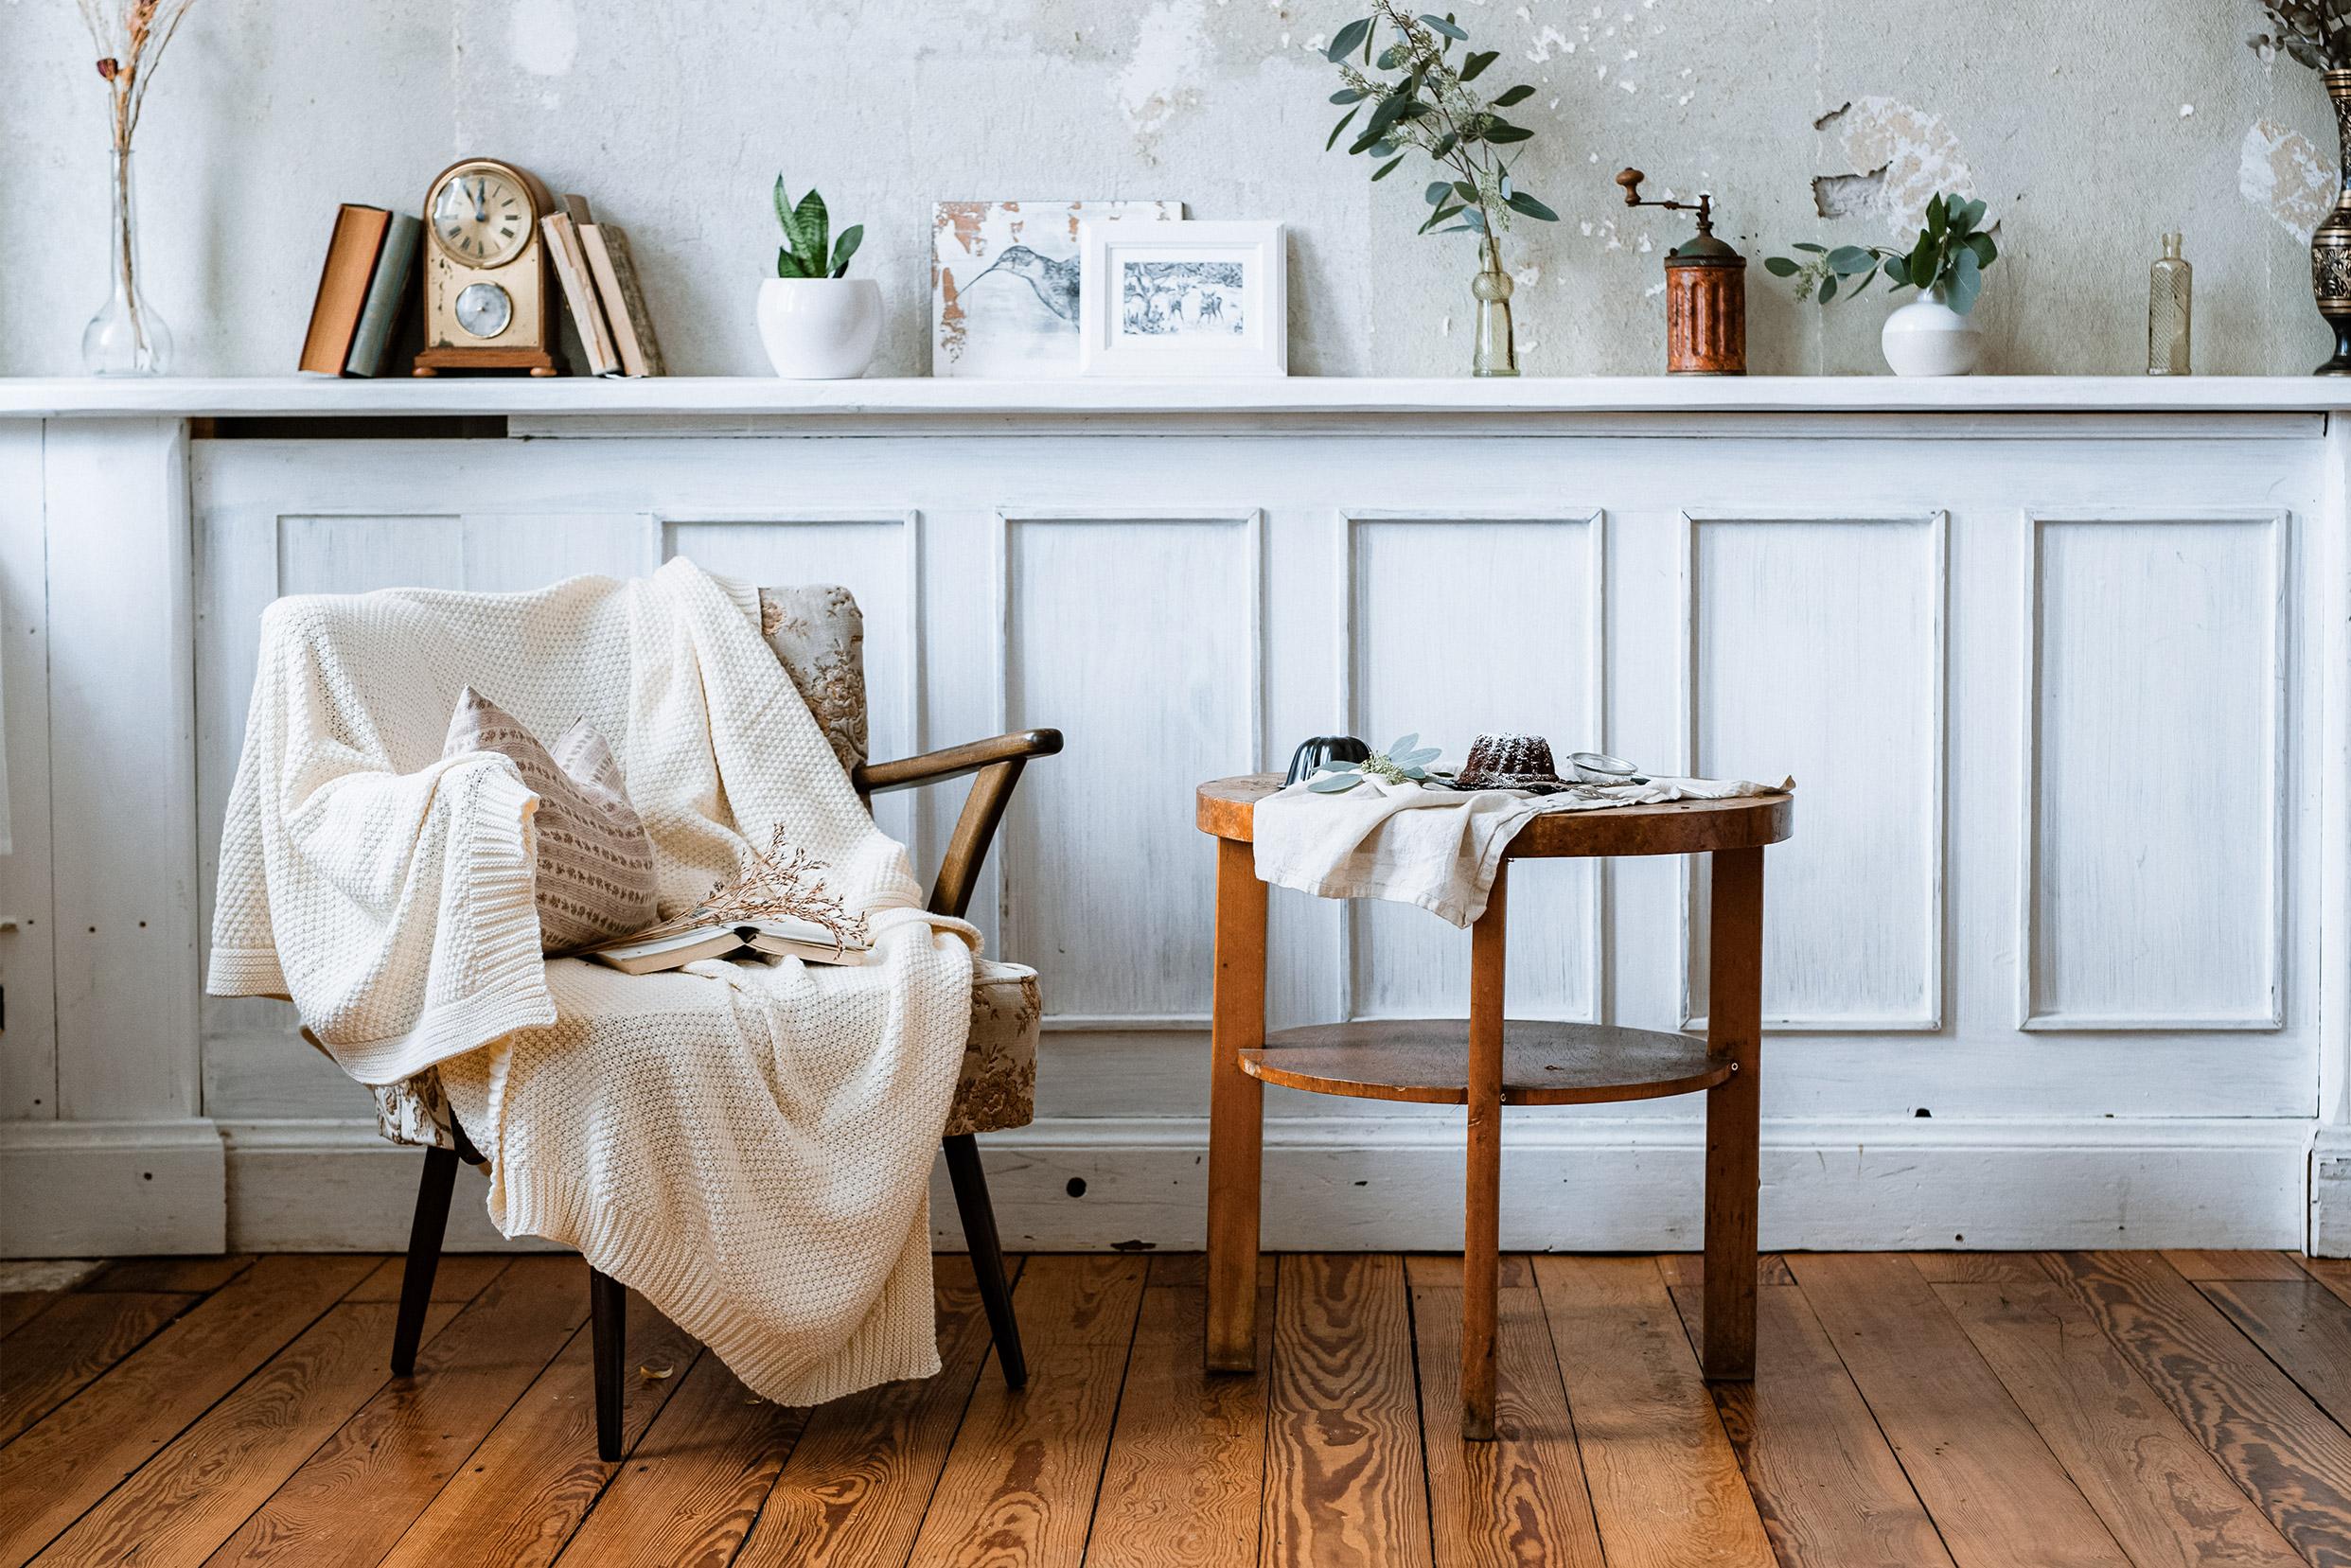 Gemütliche Einrichtung im Wohnzimmer im Vintage Look